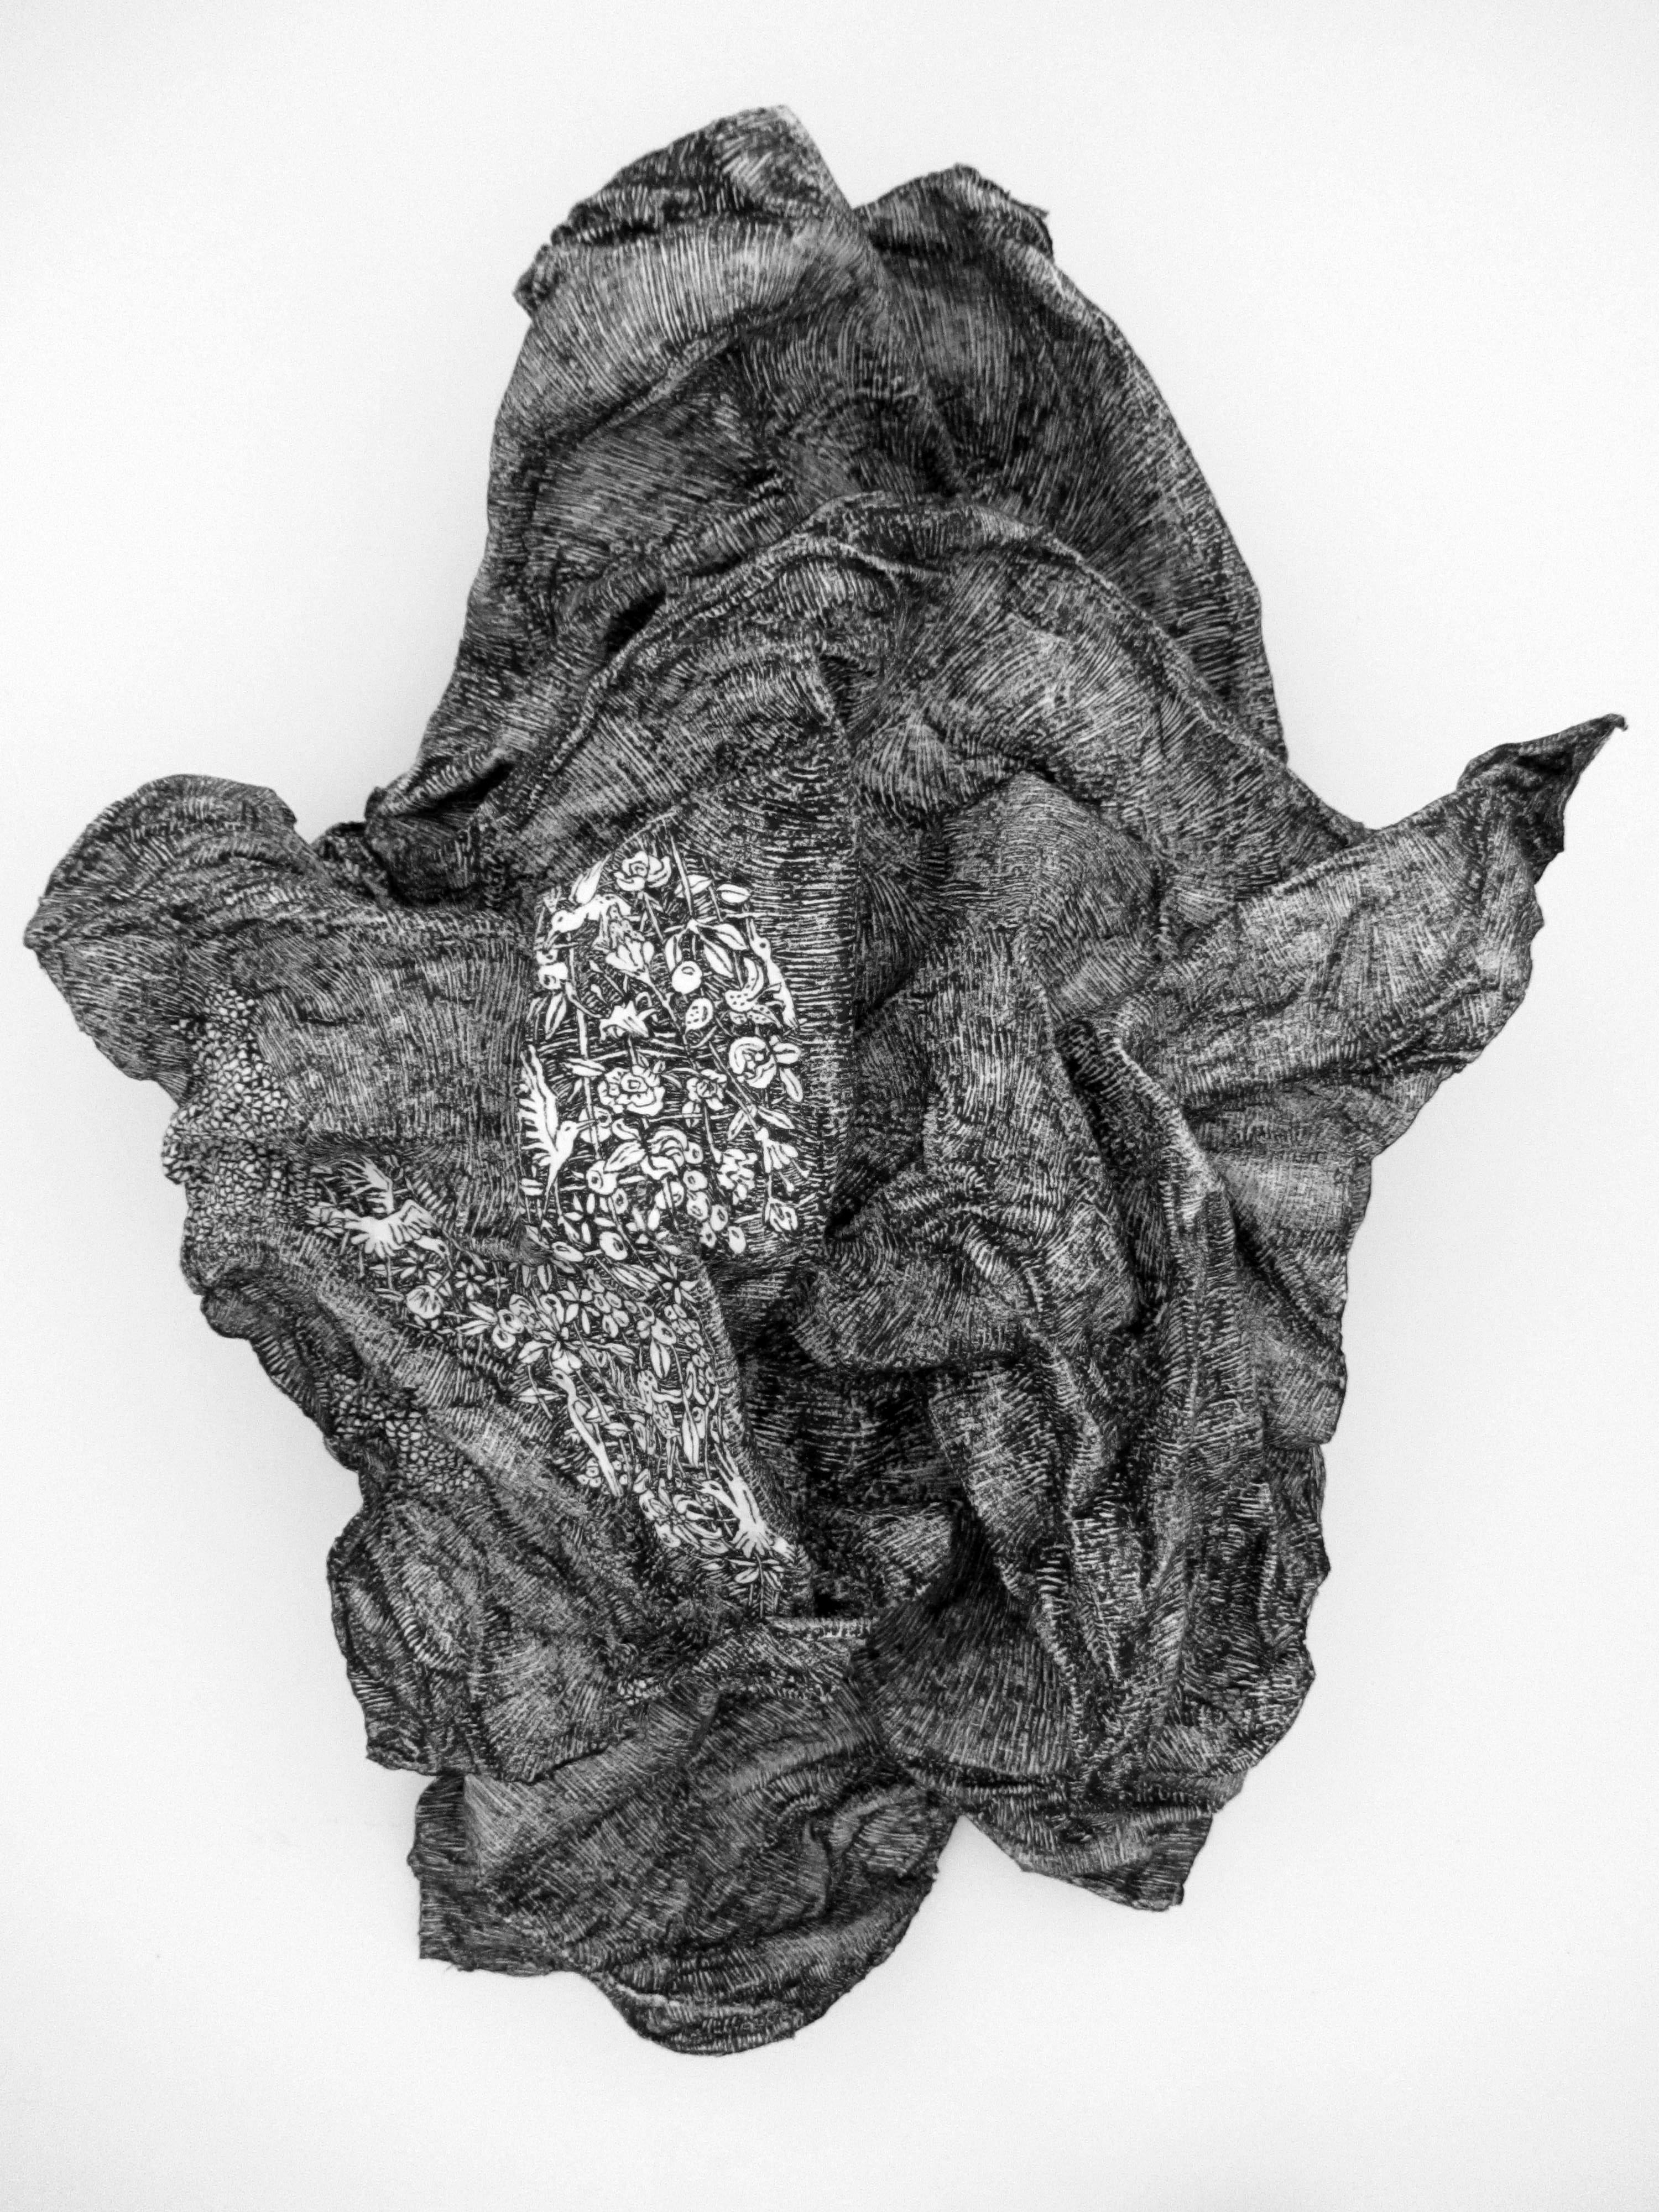 La_pierre_des_tourments N°6 ,46cm x 33cm x 13cm, 2015